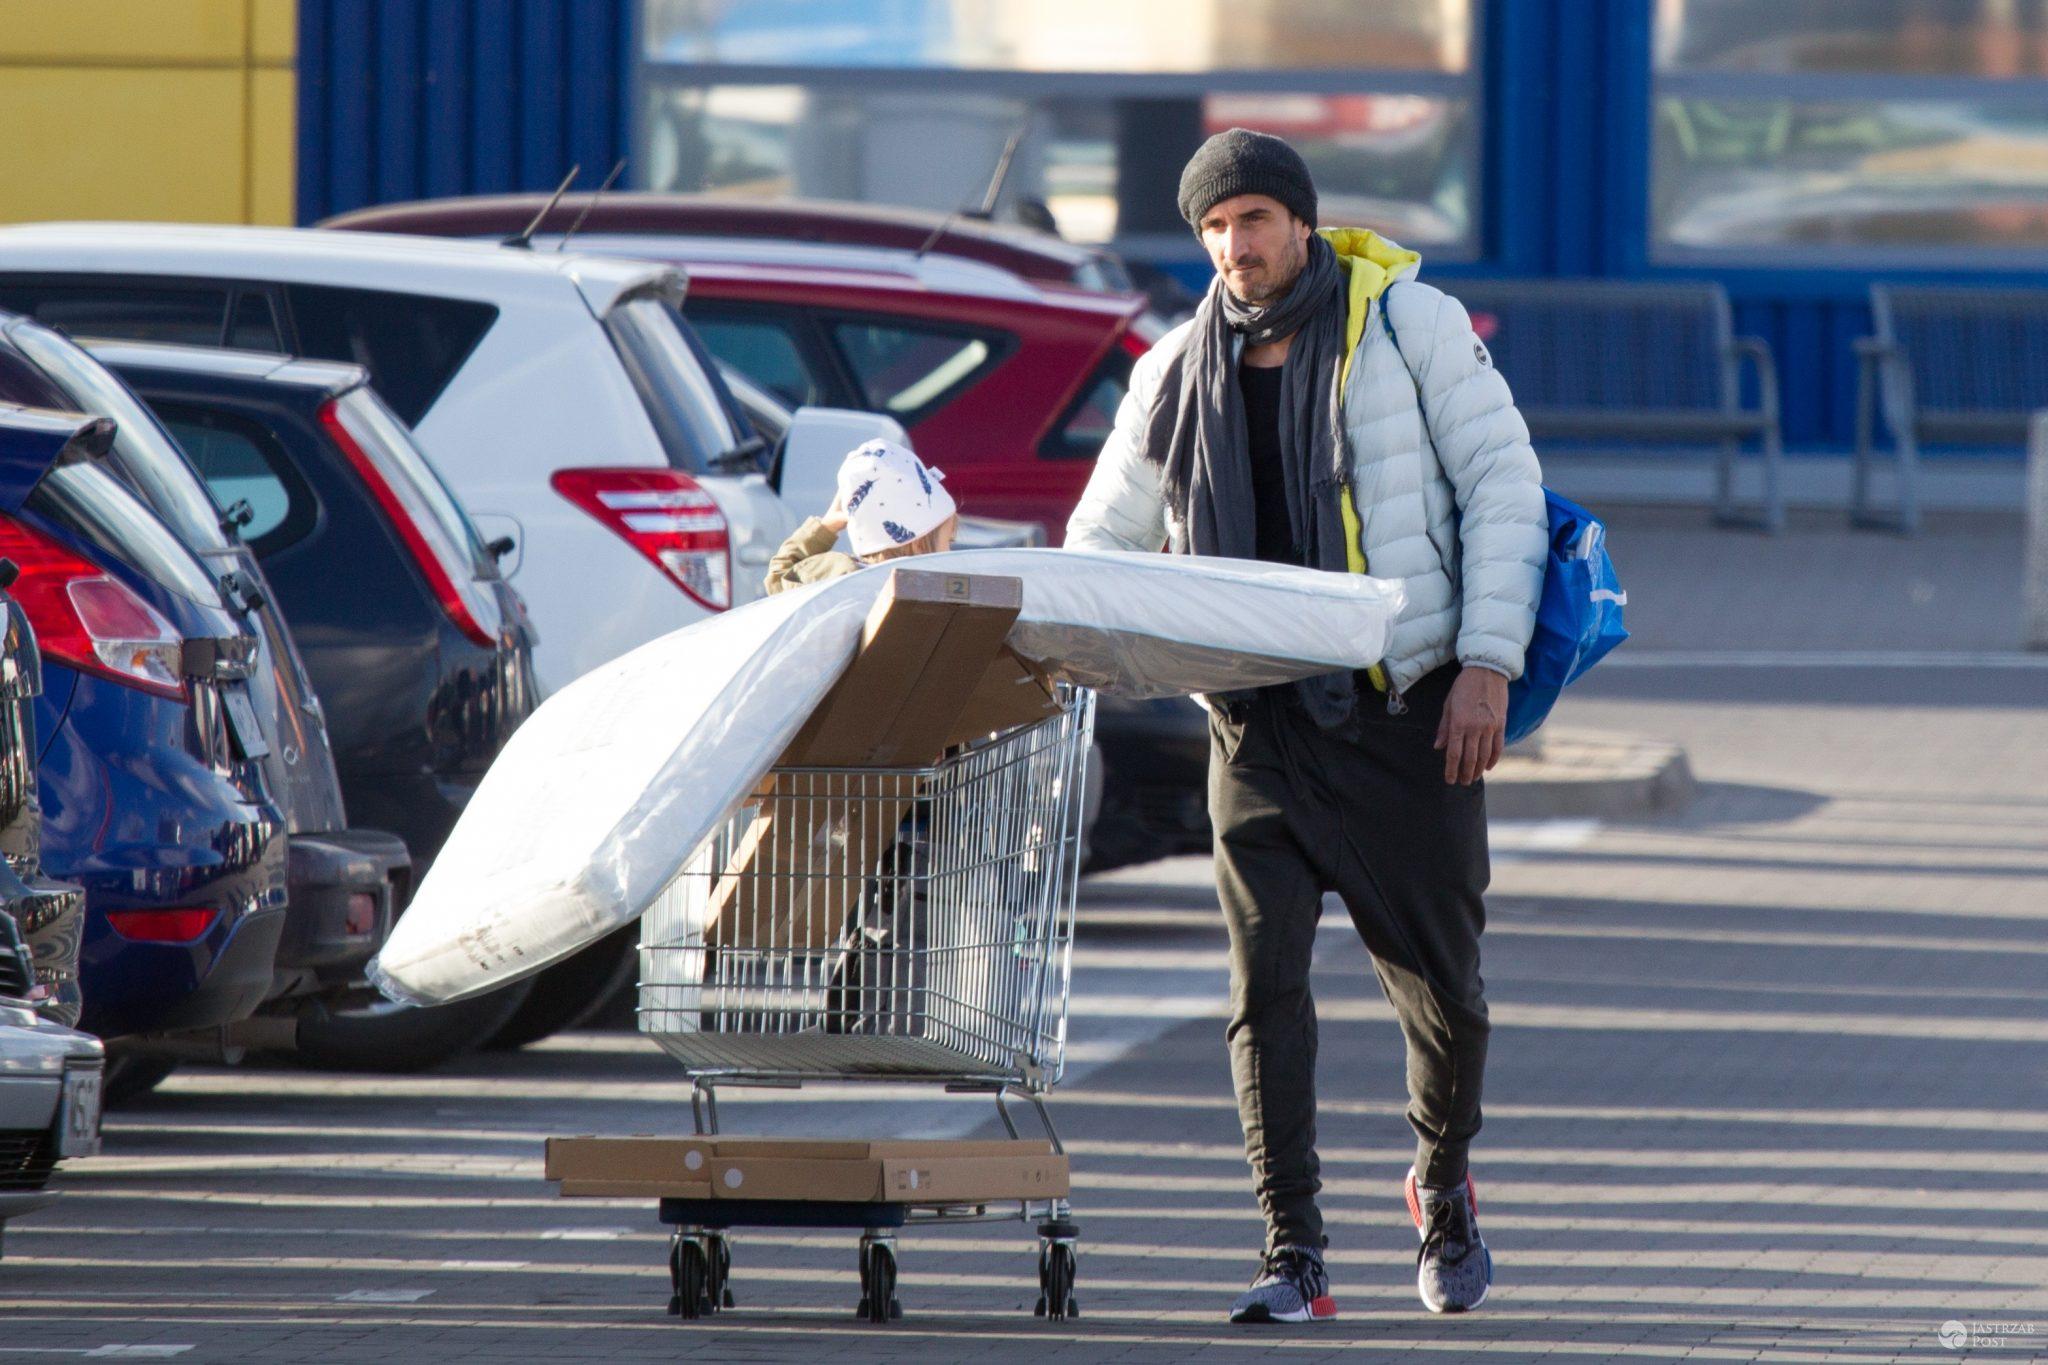 Paulina Krupińska z Sebastianem Karpielem-Bułecką i córką na zakupach w Ikei. Szykują pokój dla drugiego dziecka - Sebastian Karpiel-Bułecka kupuje meble w Ikei